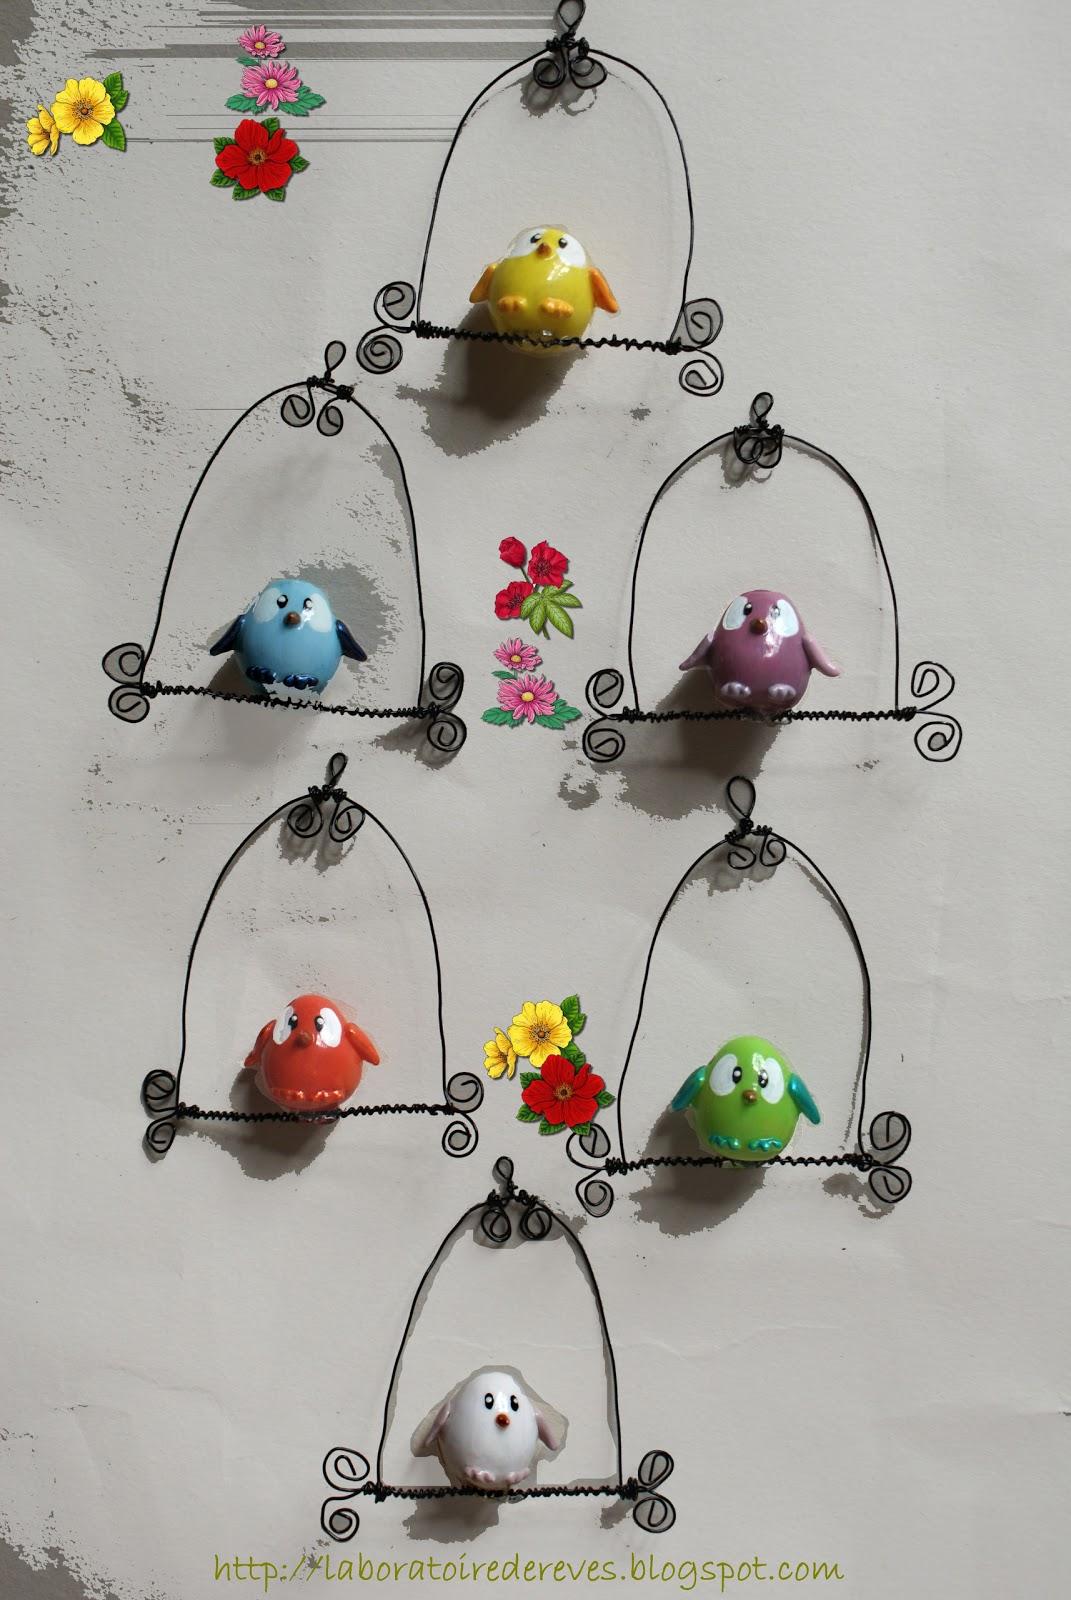 le laboratoire de r ves petit petit l 39 oiseau fait son nid. Black Bedroom Furniture Sets. Home Design Ideas